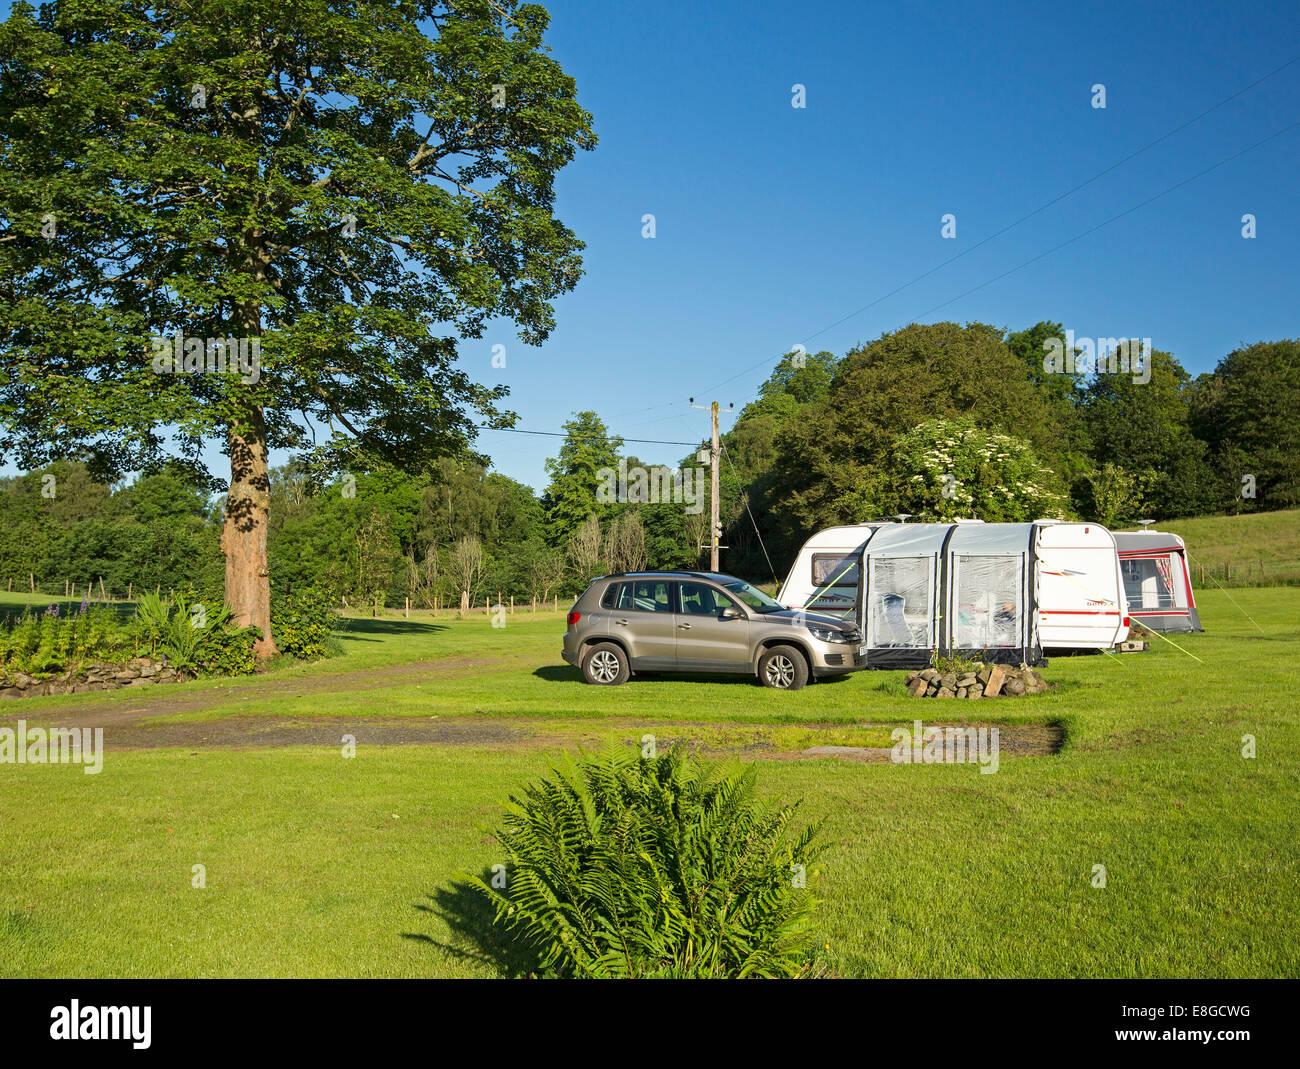 Preiswerte camping-Platz mit Wohnwagen mit Anbau eingerichtet neben Auto / SUV im Feld mit Rasen & Schatten Stockbild